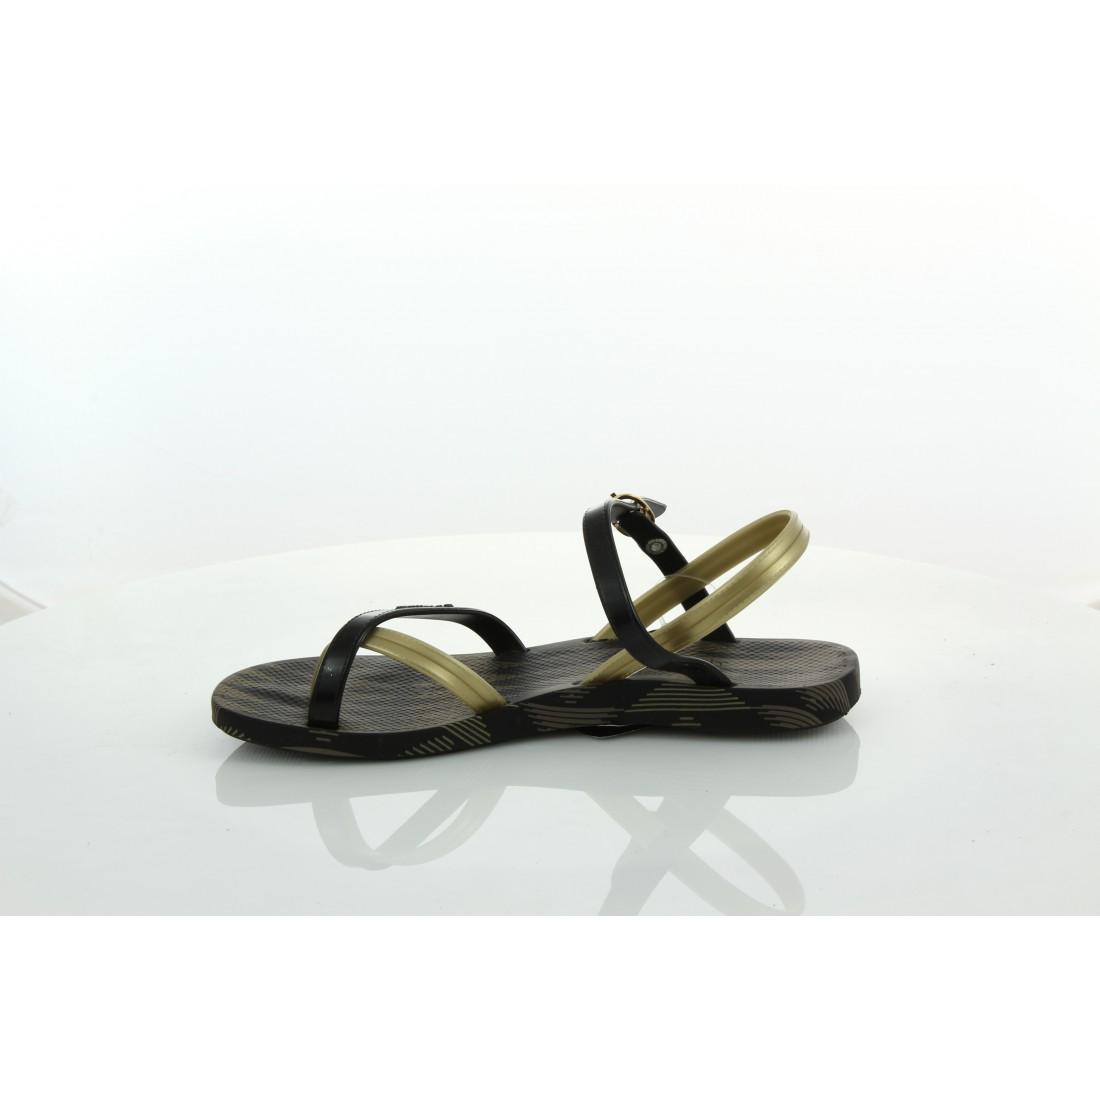 e49db83301c84 Sandały Ipanema Fashion Sandal IV Fem 81929 21117